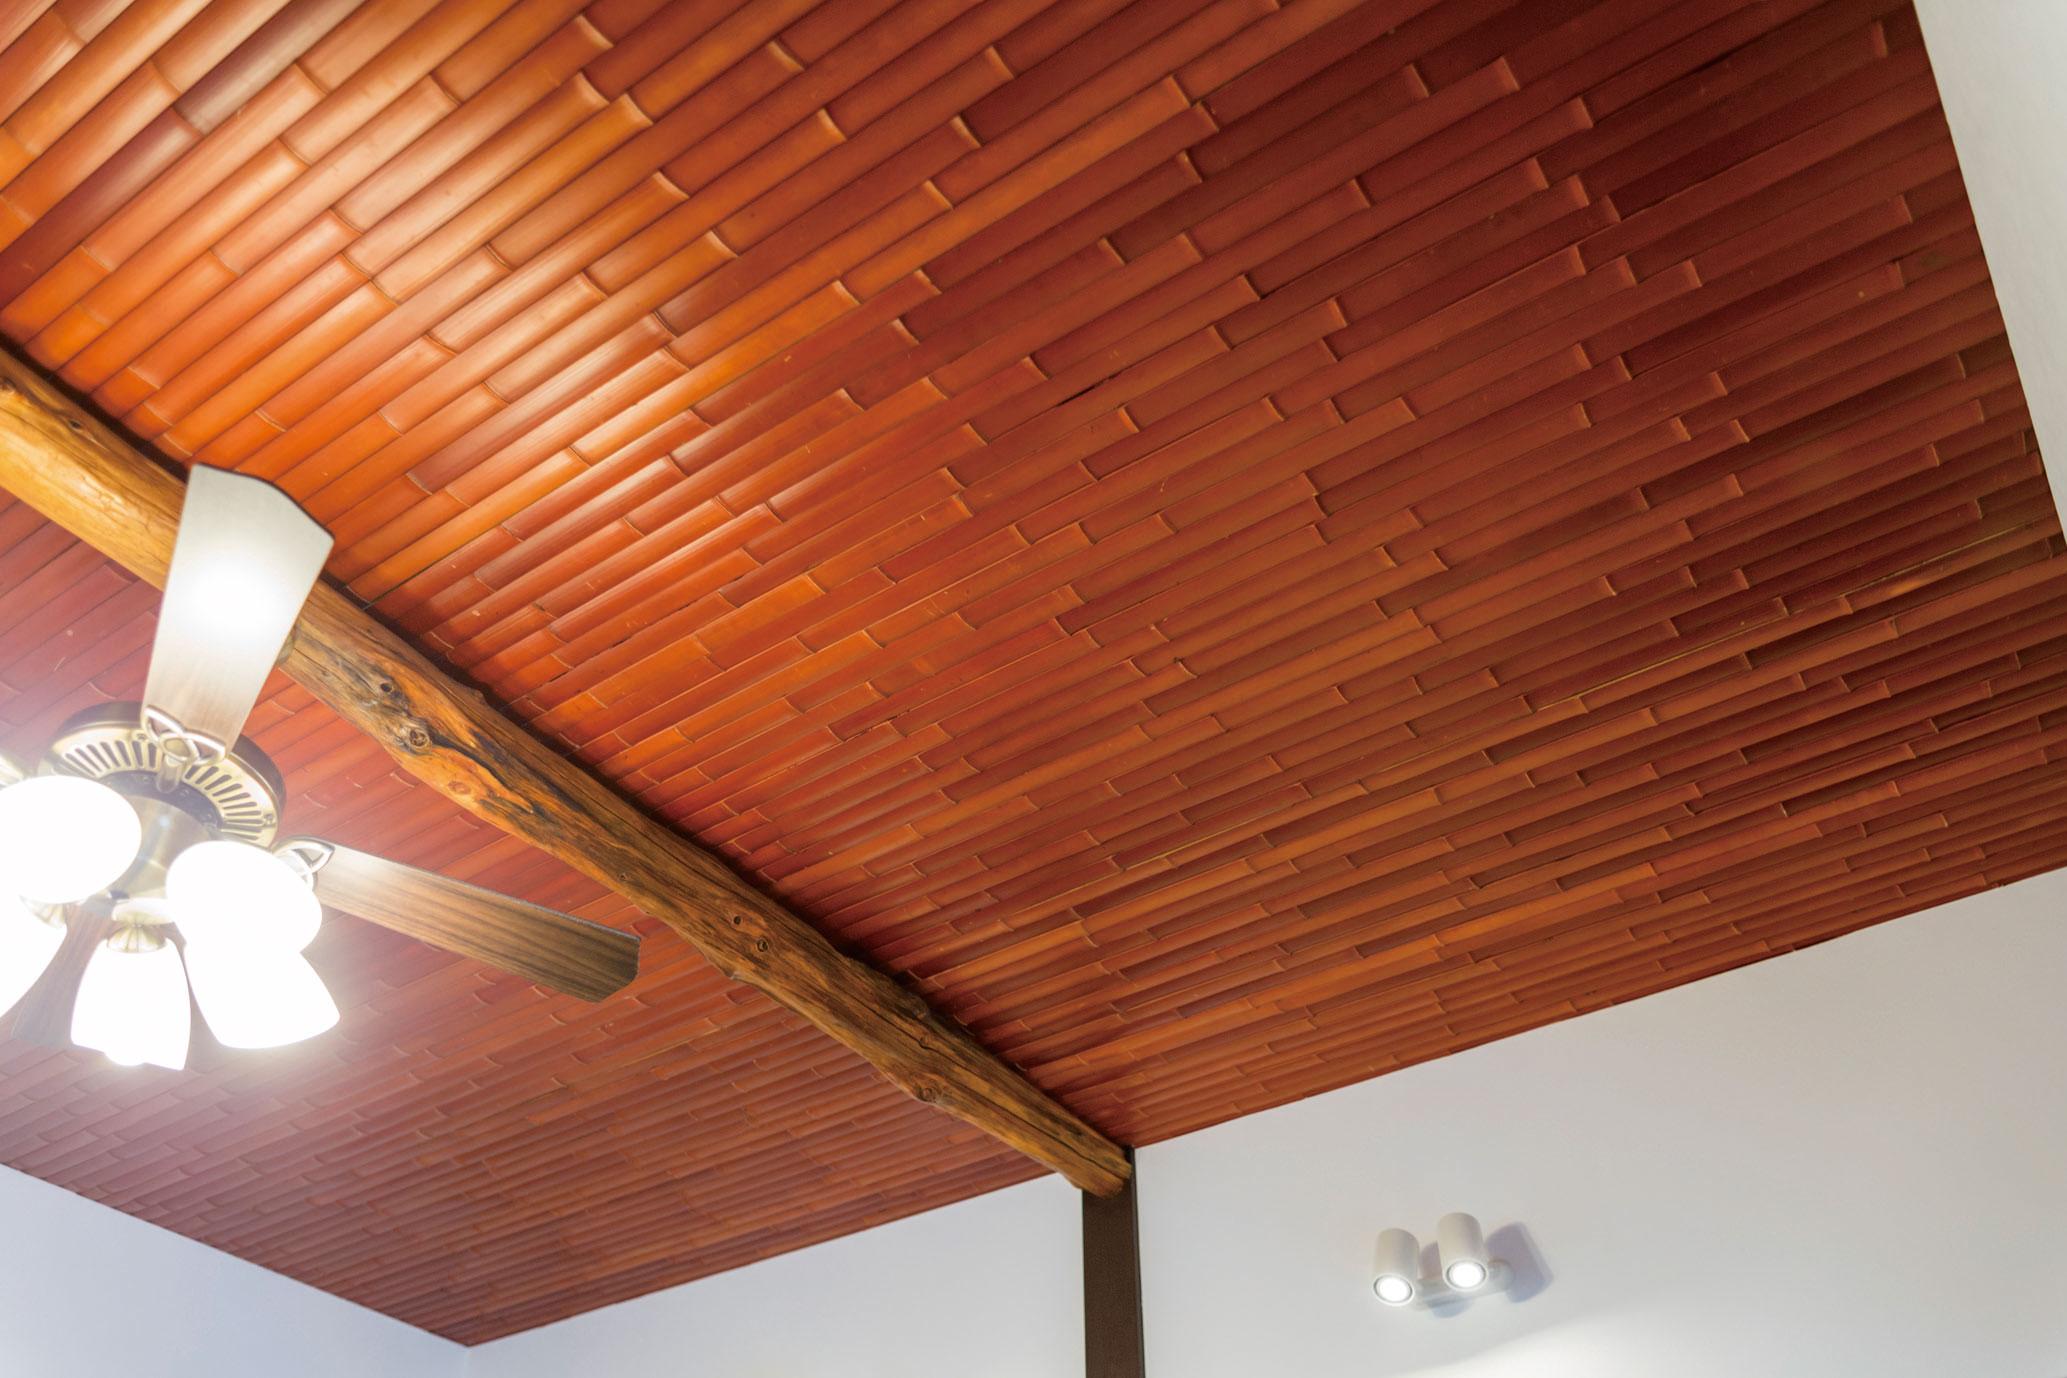 竹を装う天井竹板張りの天井はリフォーム前から家の広い部分で使われた印象深いもの。